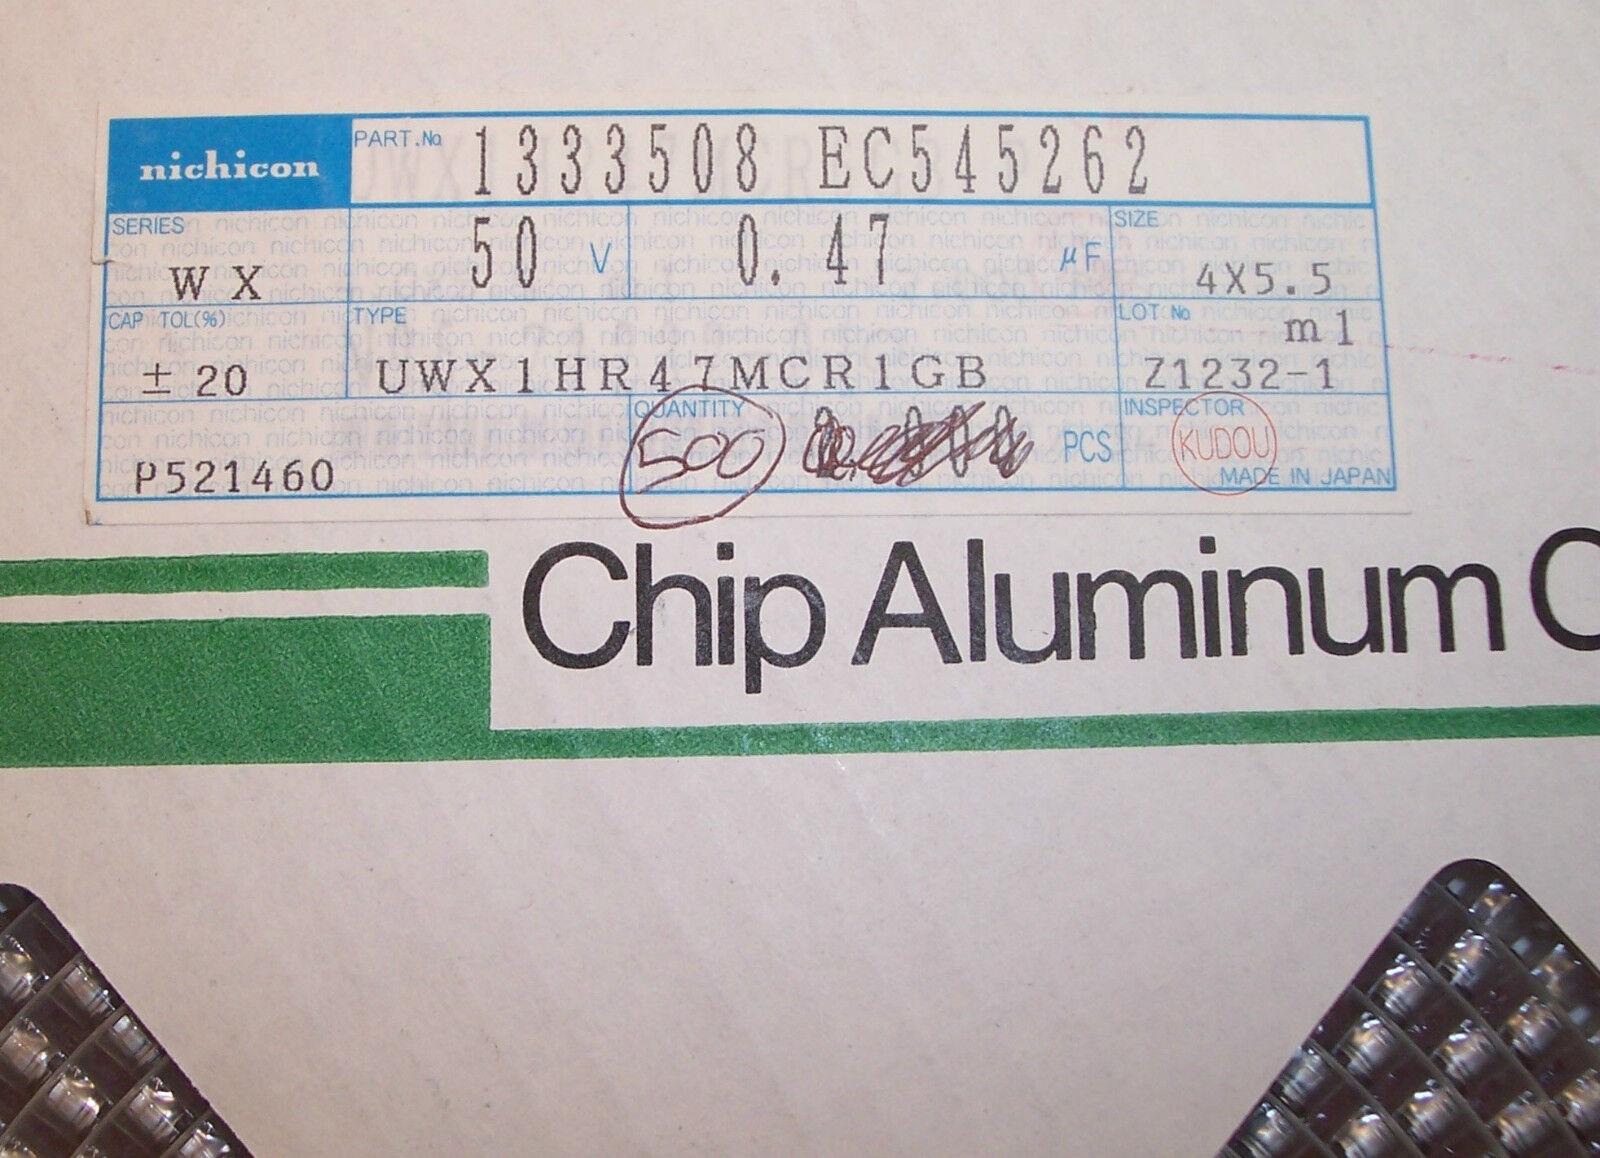 47uf 16V  6.3x5.5 SMD ELECTROLYTIC CAPACITORS UWX1C470MCL1GB ROHS 50 QTY